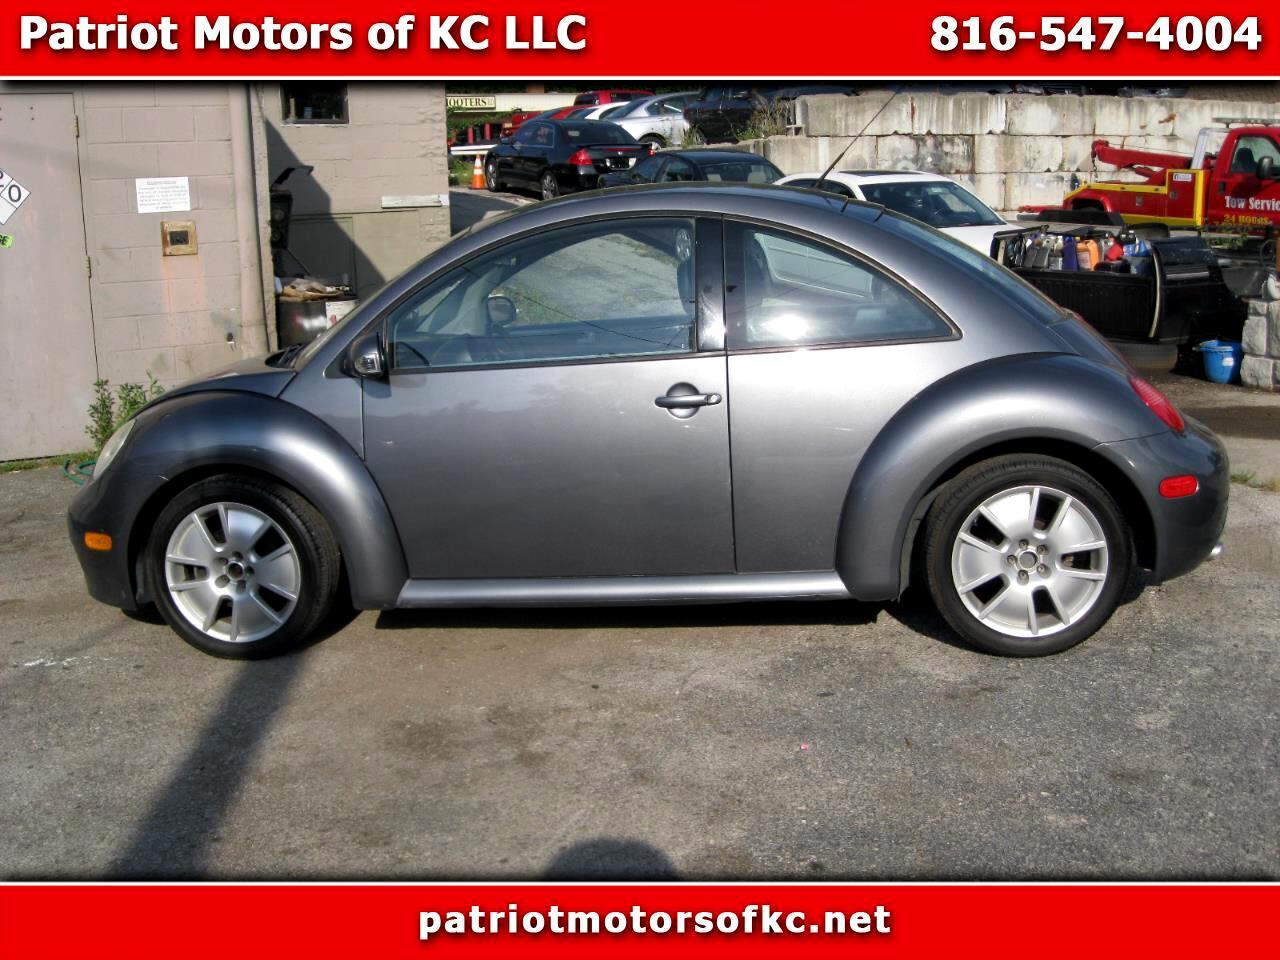 Volkswagen New Beetle Turbo S 1.8L 2004